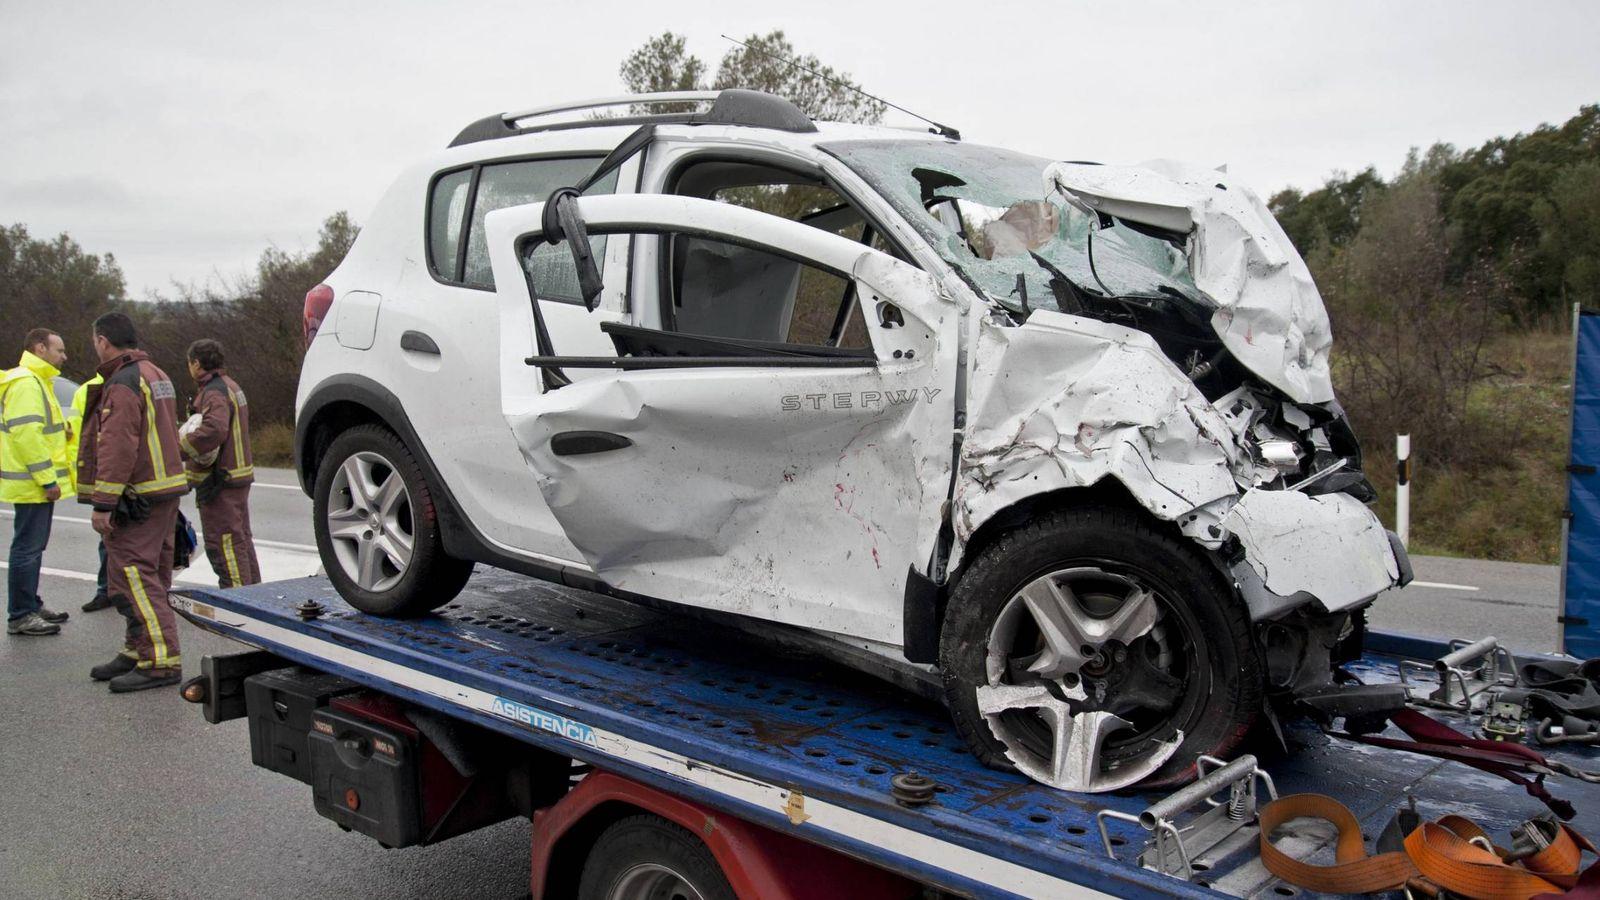 Foto: Cada día más accidentes en las carreteras españolas.EFE/Robin Townsend